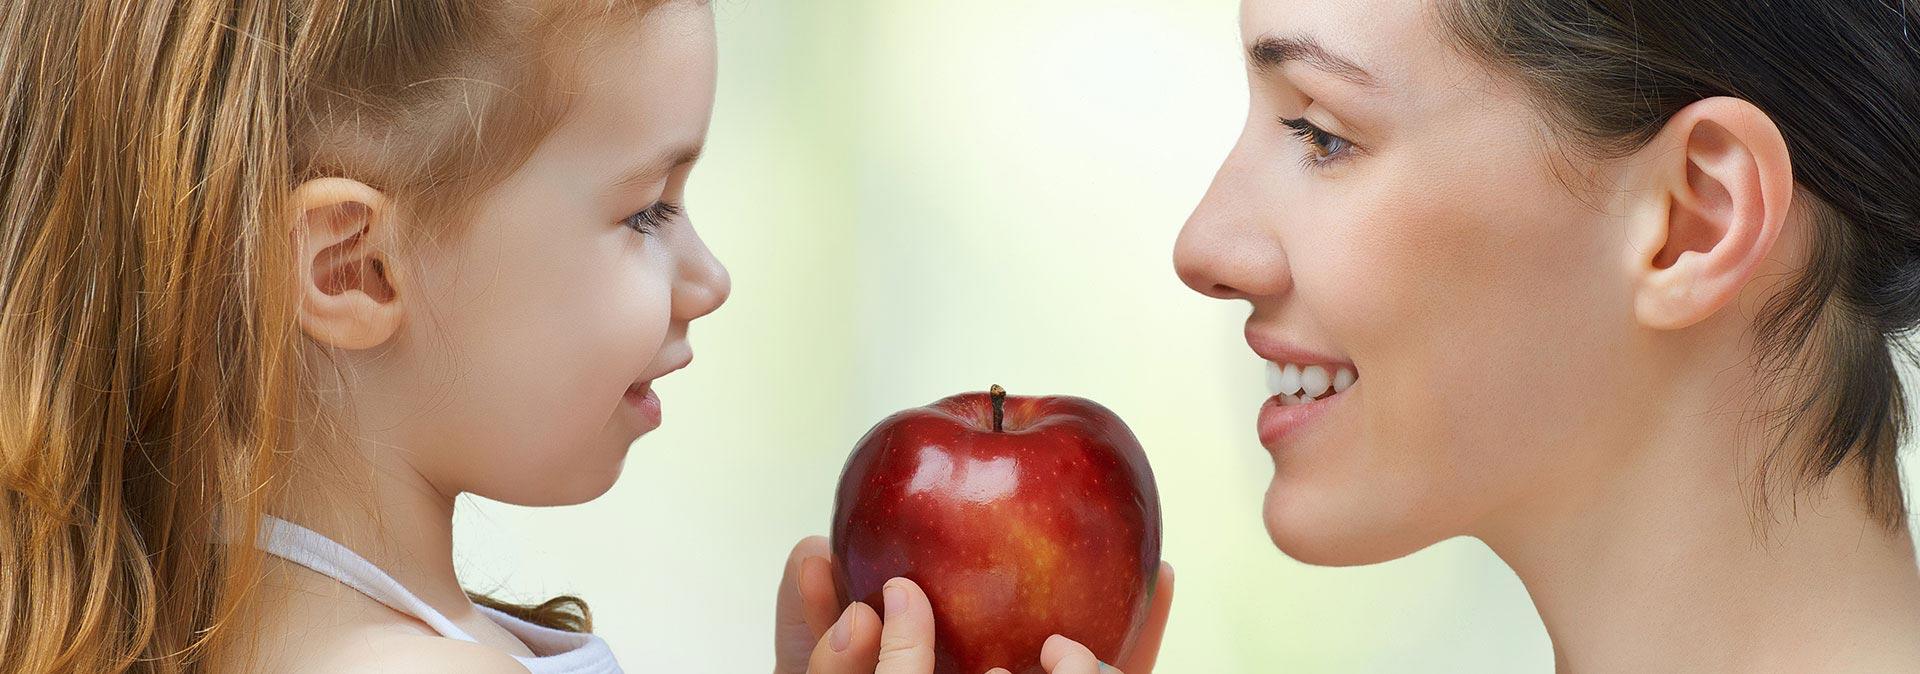 Mère + Enfant avec pomme